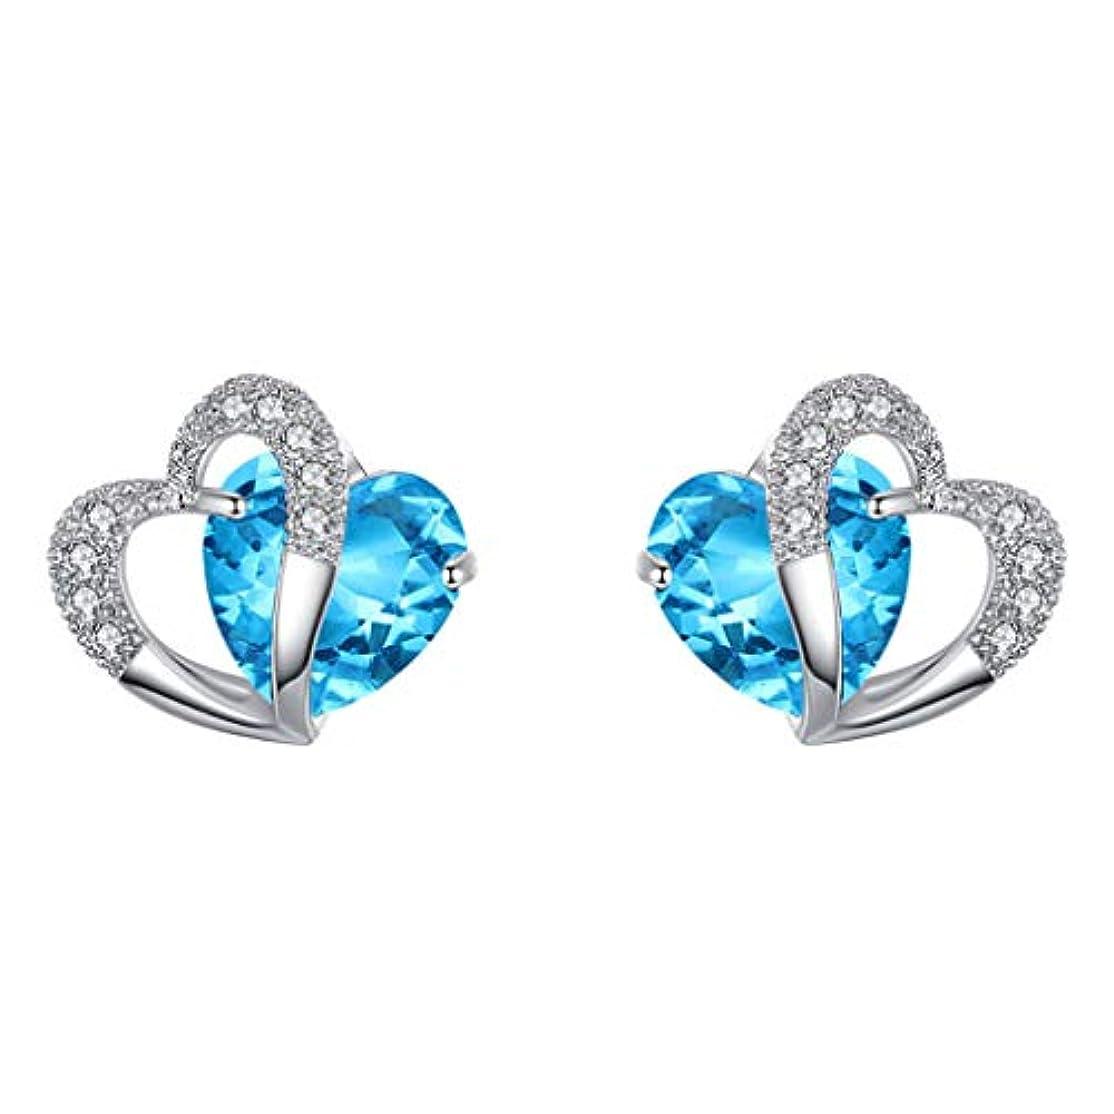 放射性トラブルNicircle ブルーハートスタッドピアスホワイトゴールドハートスタッドピアスジュエリー ブルー Women Blue Heart Stud Earrings White Gold Heart Stud Earrings...